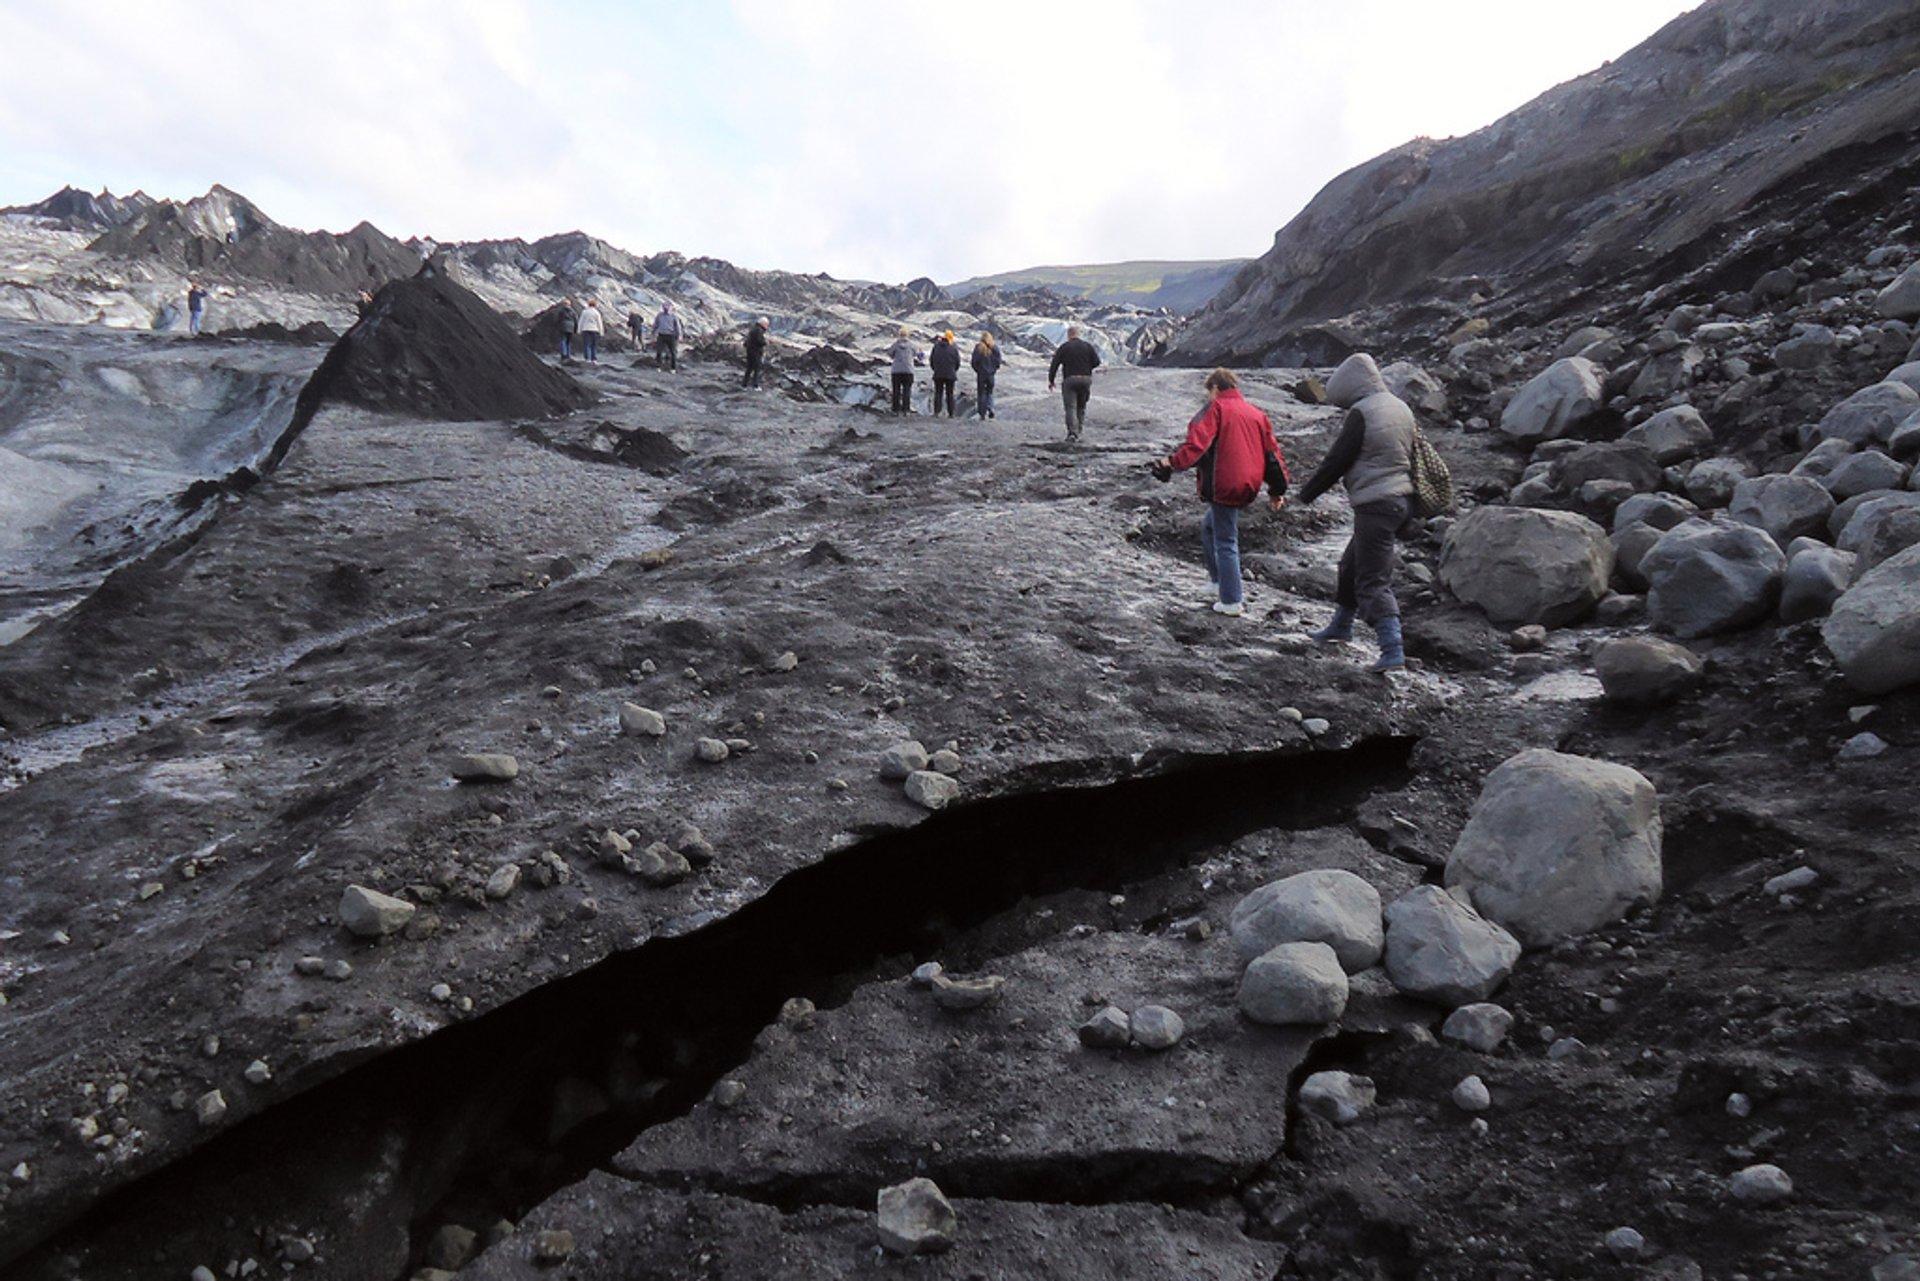 Mýrdalsjökull Glacier 2019